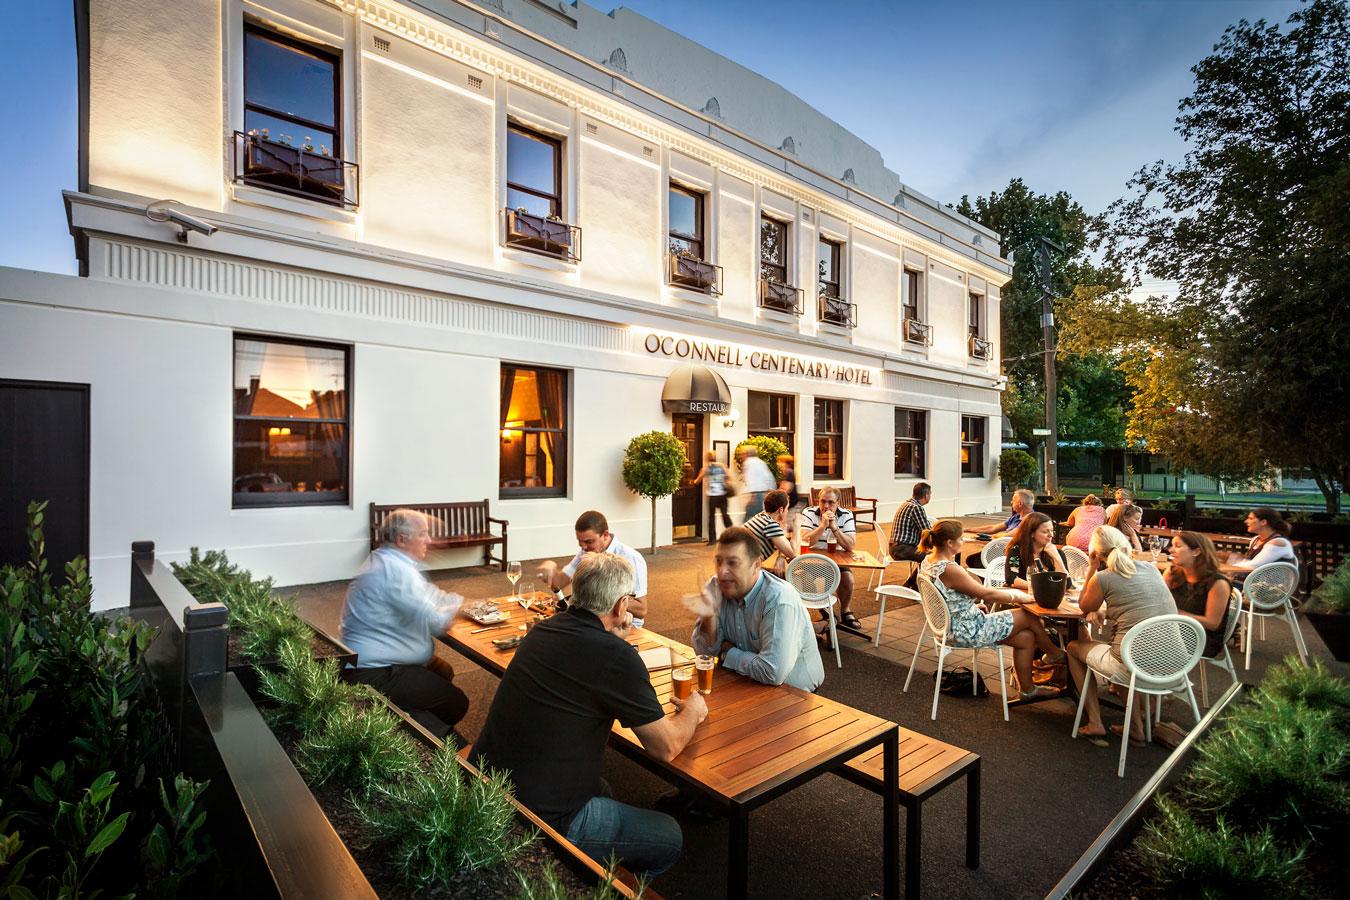 O'Connell's Nam Melbourne - 10 quán café và nhà hàng ấm áp nhất Melbourne